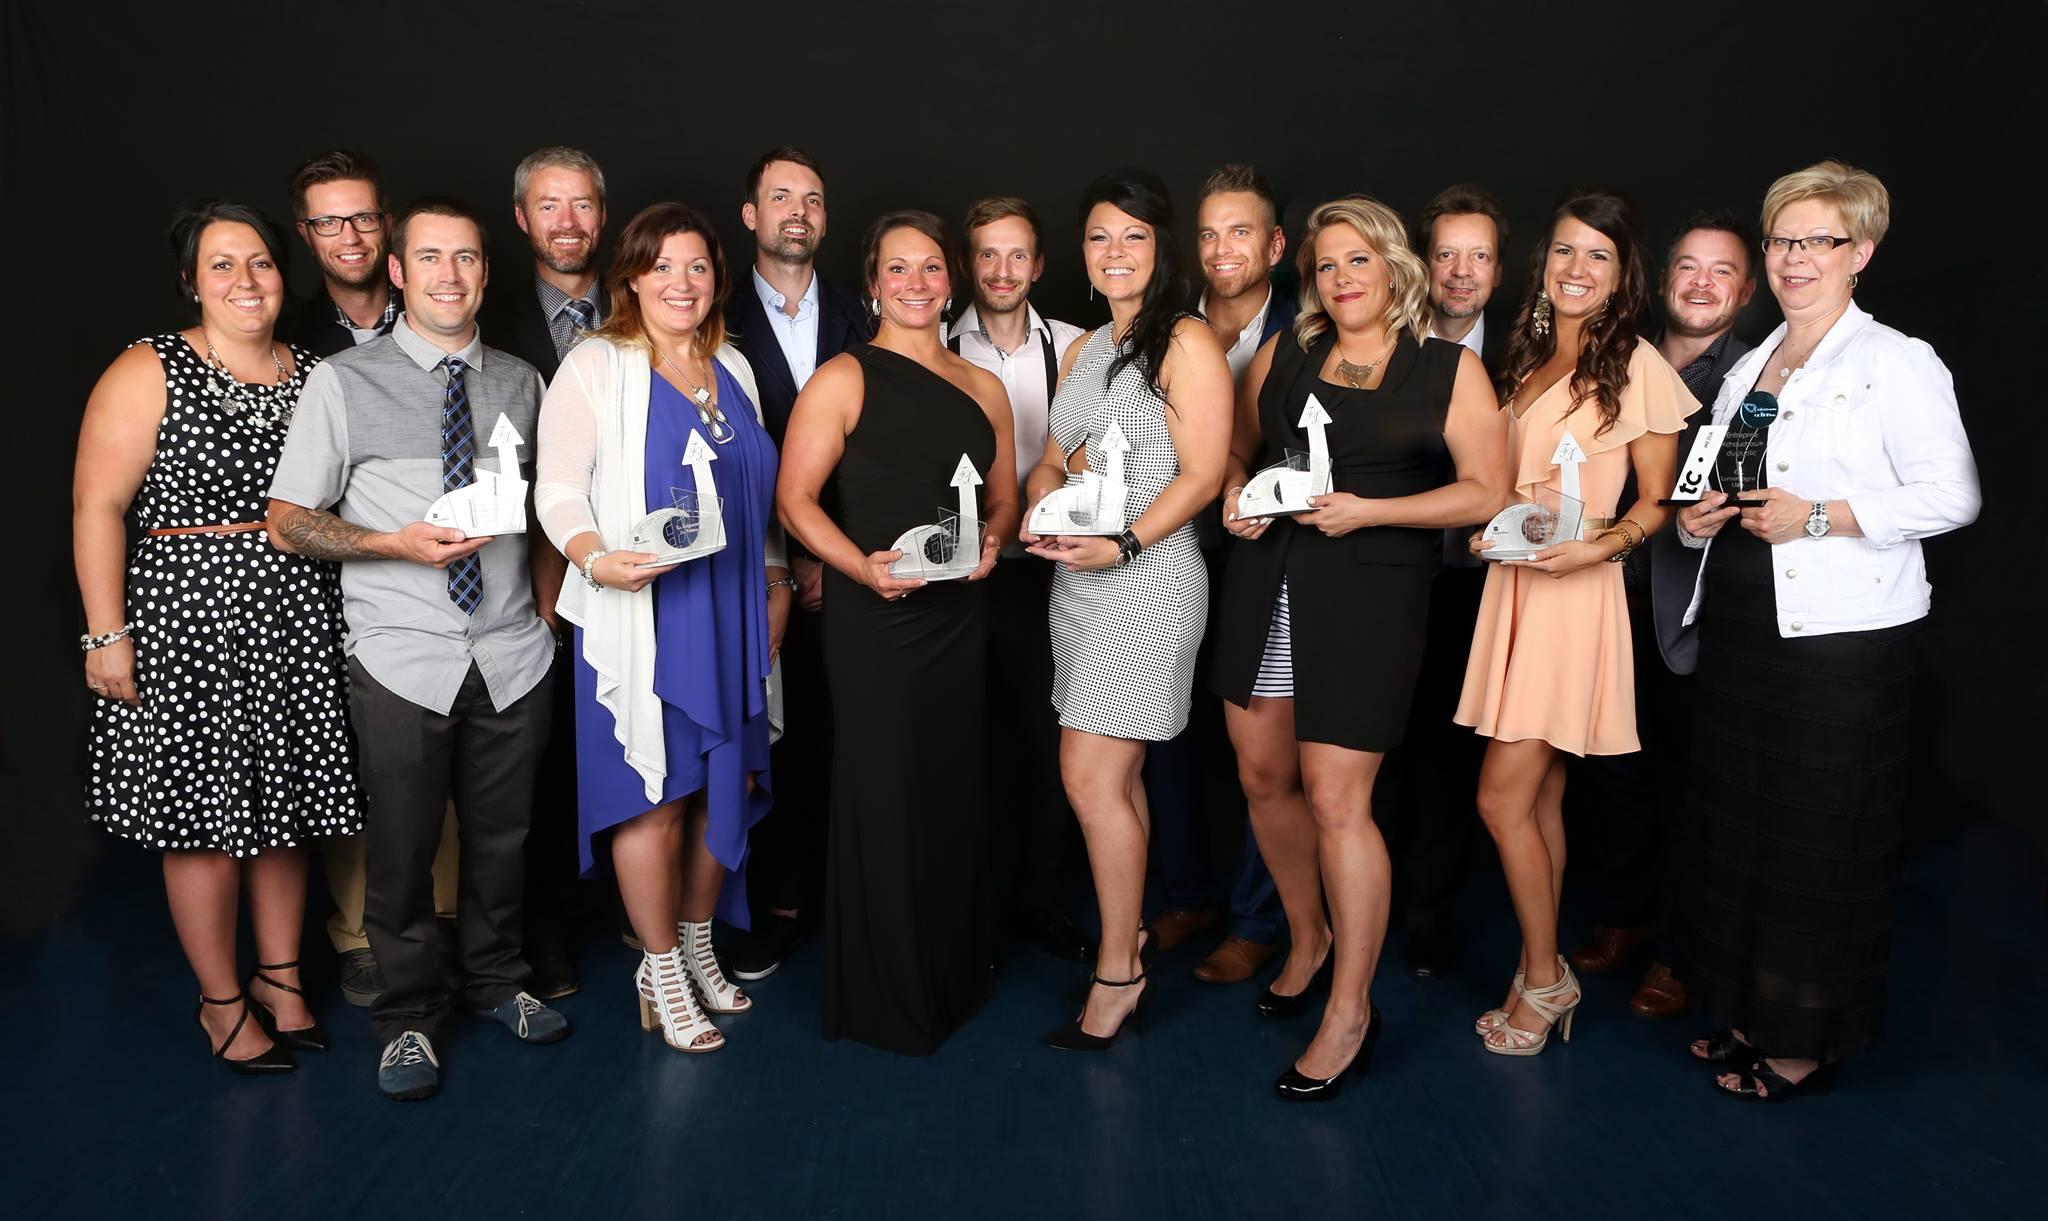 La communauté des affaires nomme ses gagnants au Gala Desjardins Action - Juin 2016